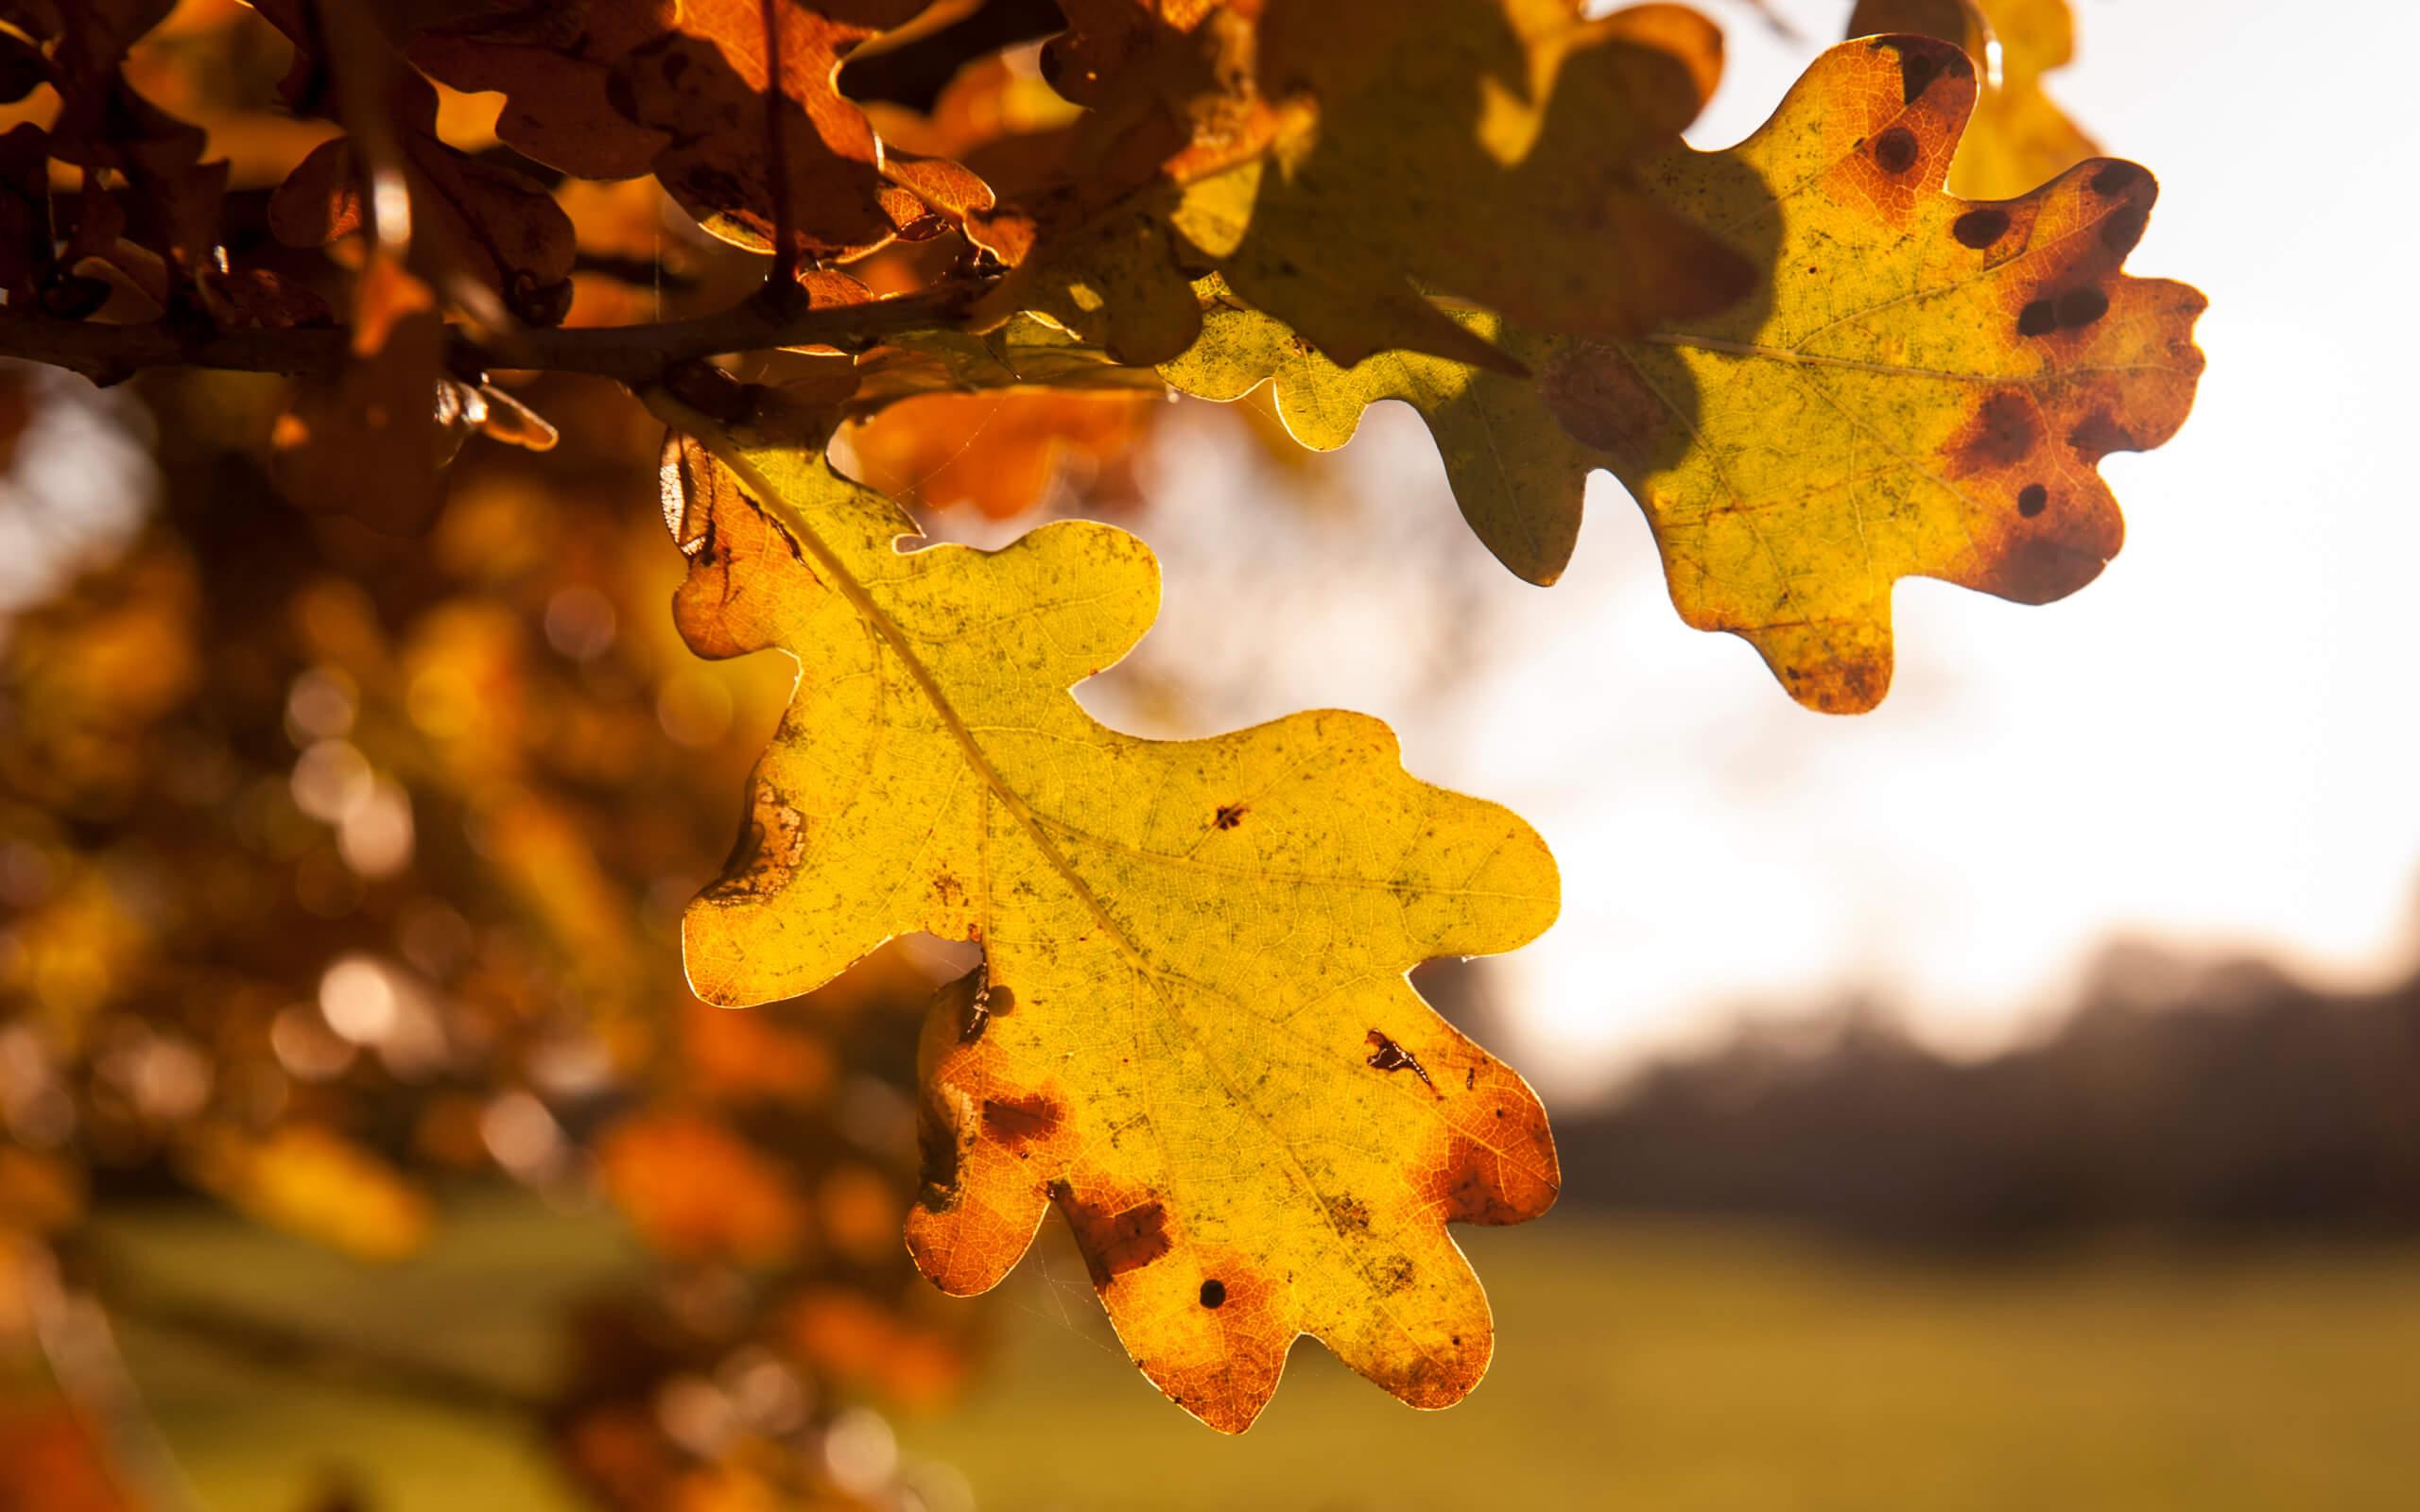 An oak tree leaf in autumn